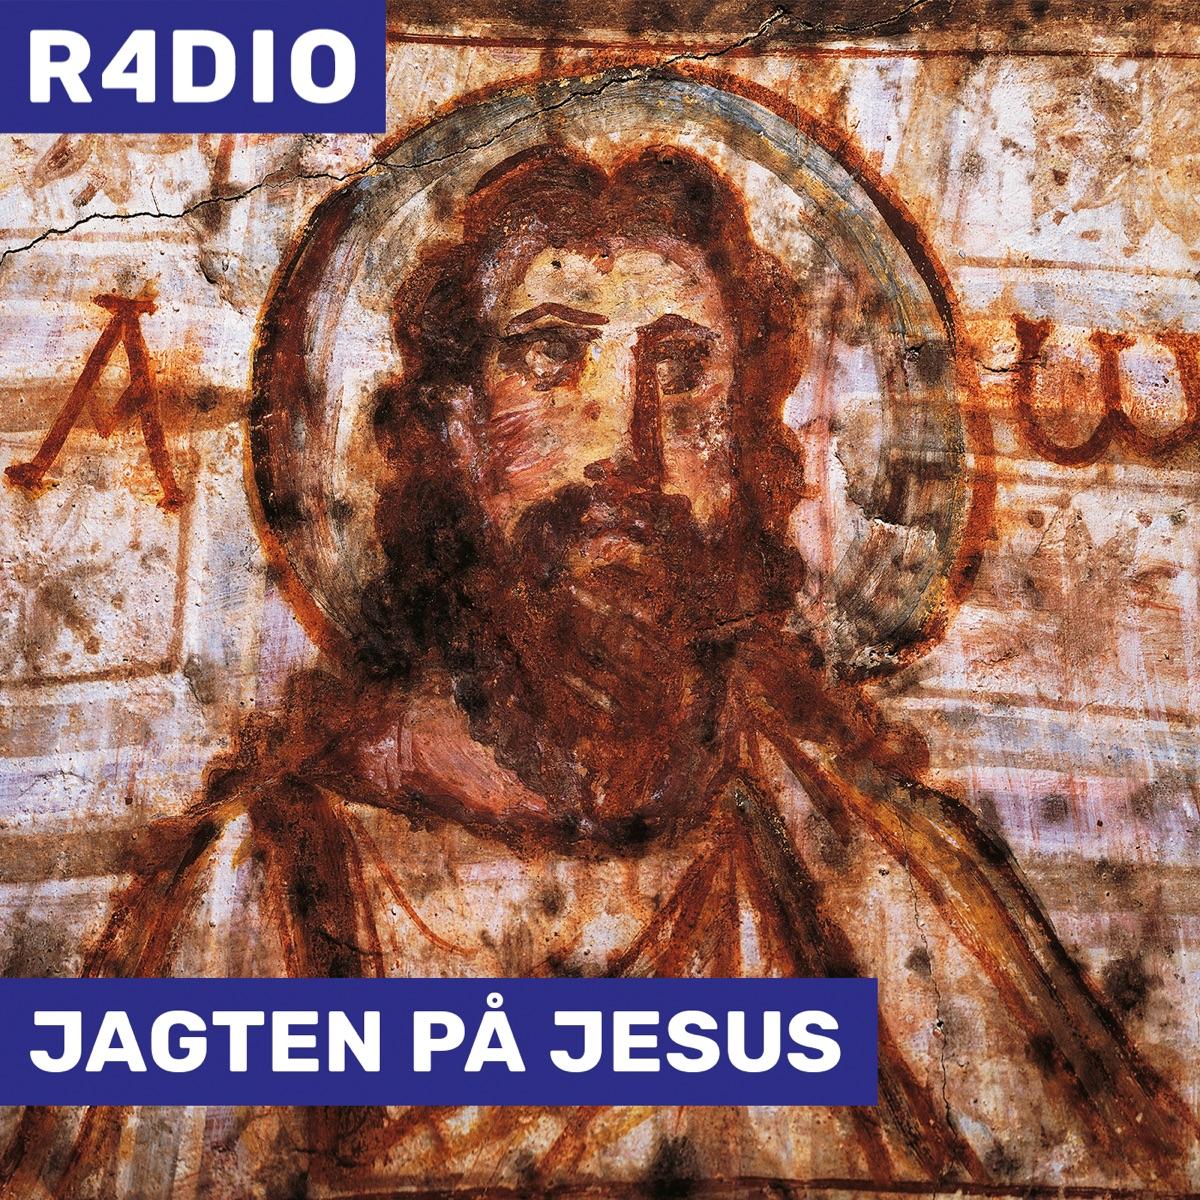 JAGTEN PÅ JESUS